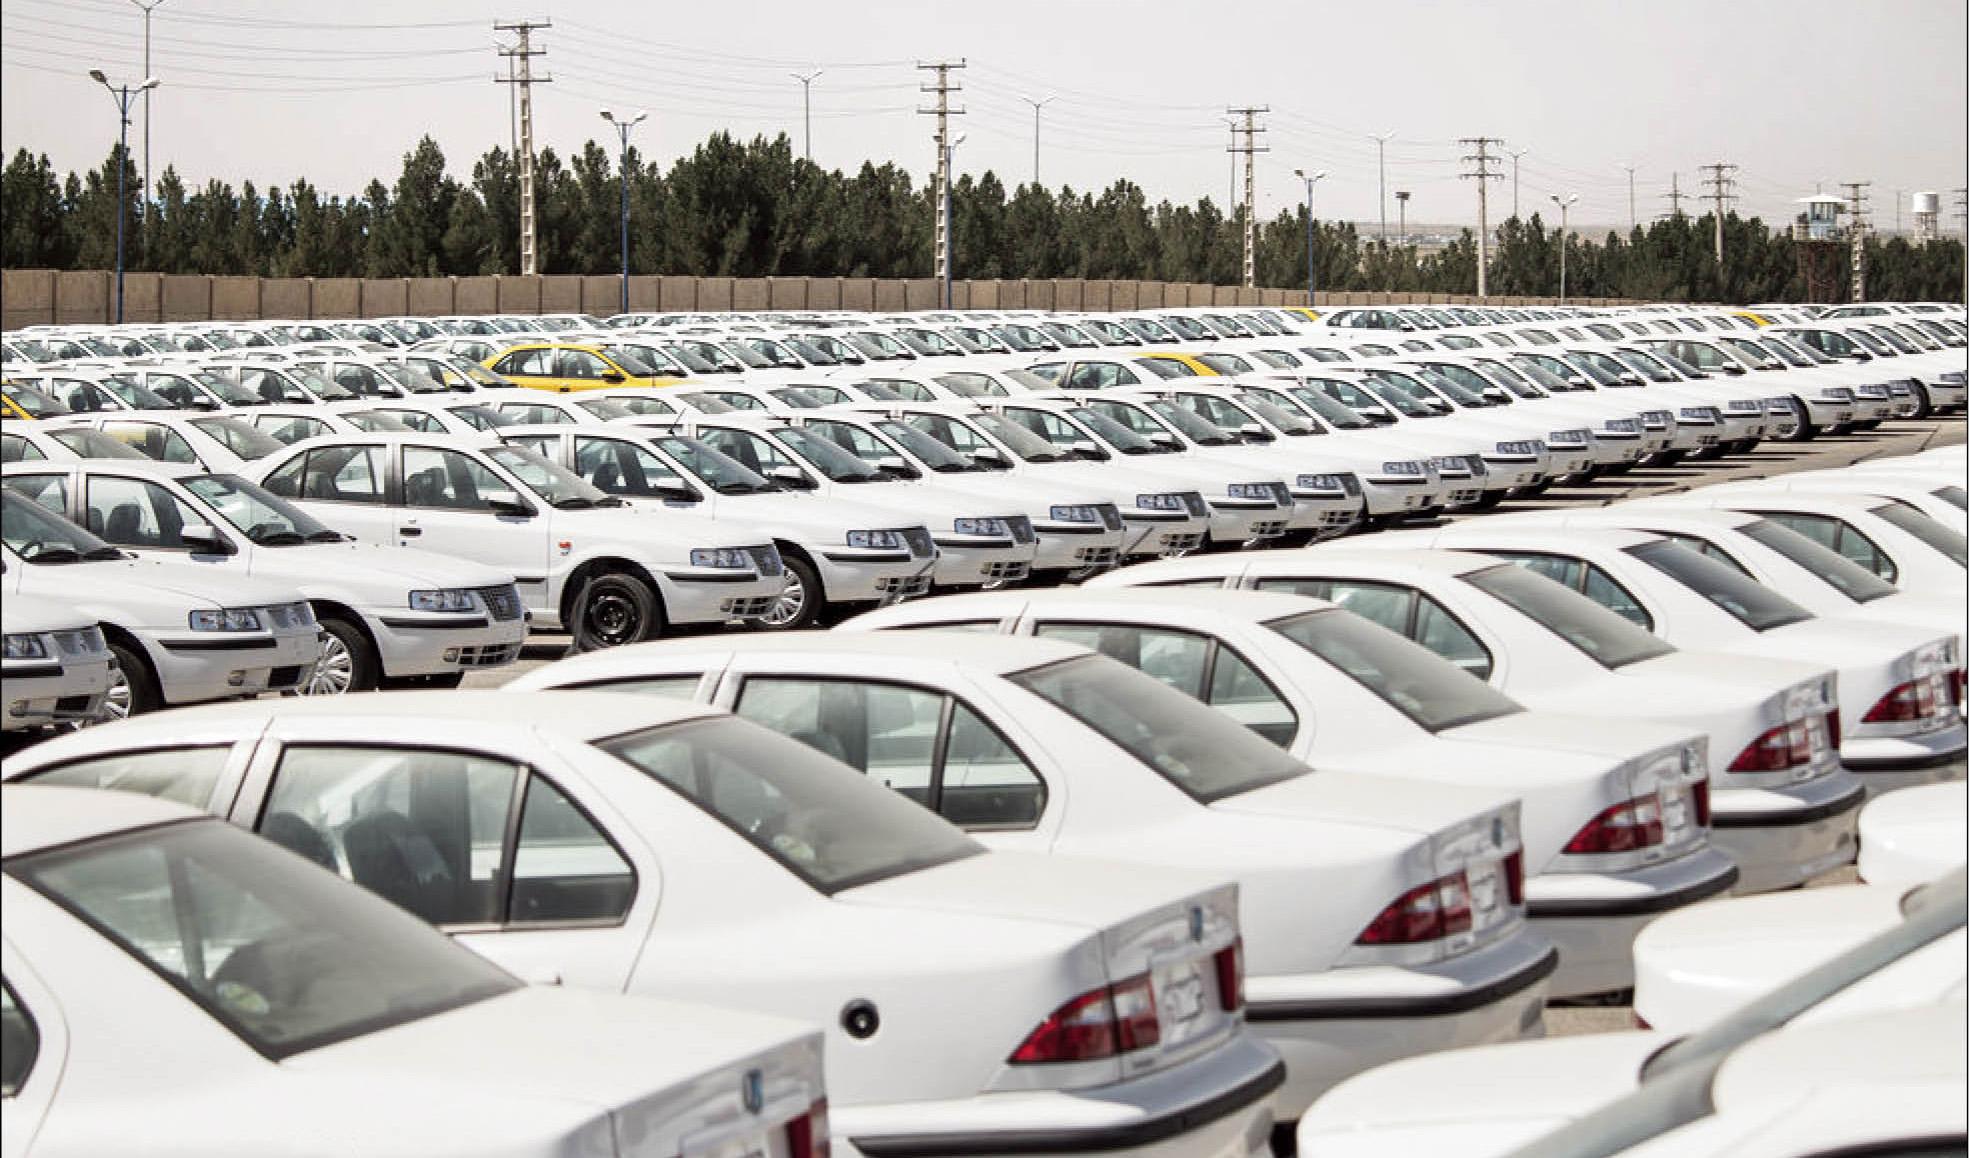 فروش فوق العاده خودروسازان از سر گرفته شد/ اعلام میزان مشارکت در فروش فوق العاده یک ساله